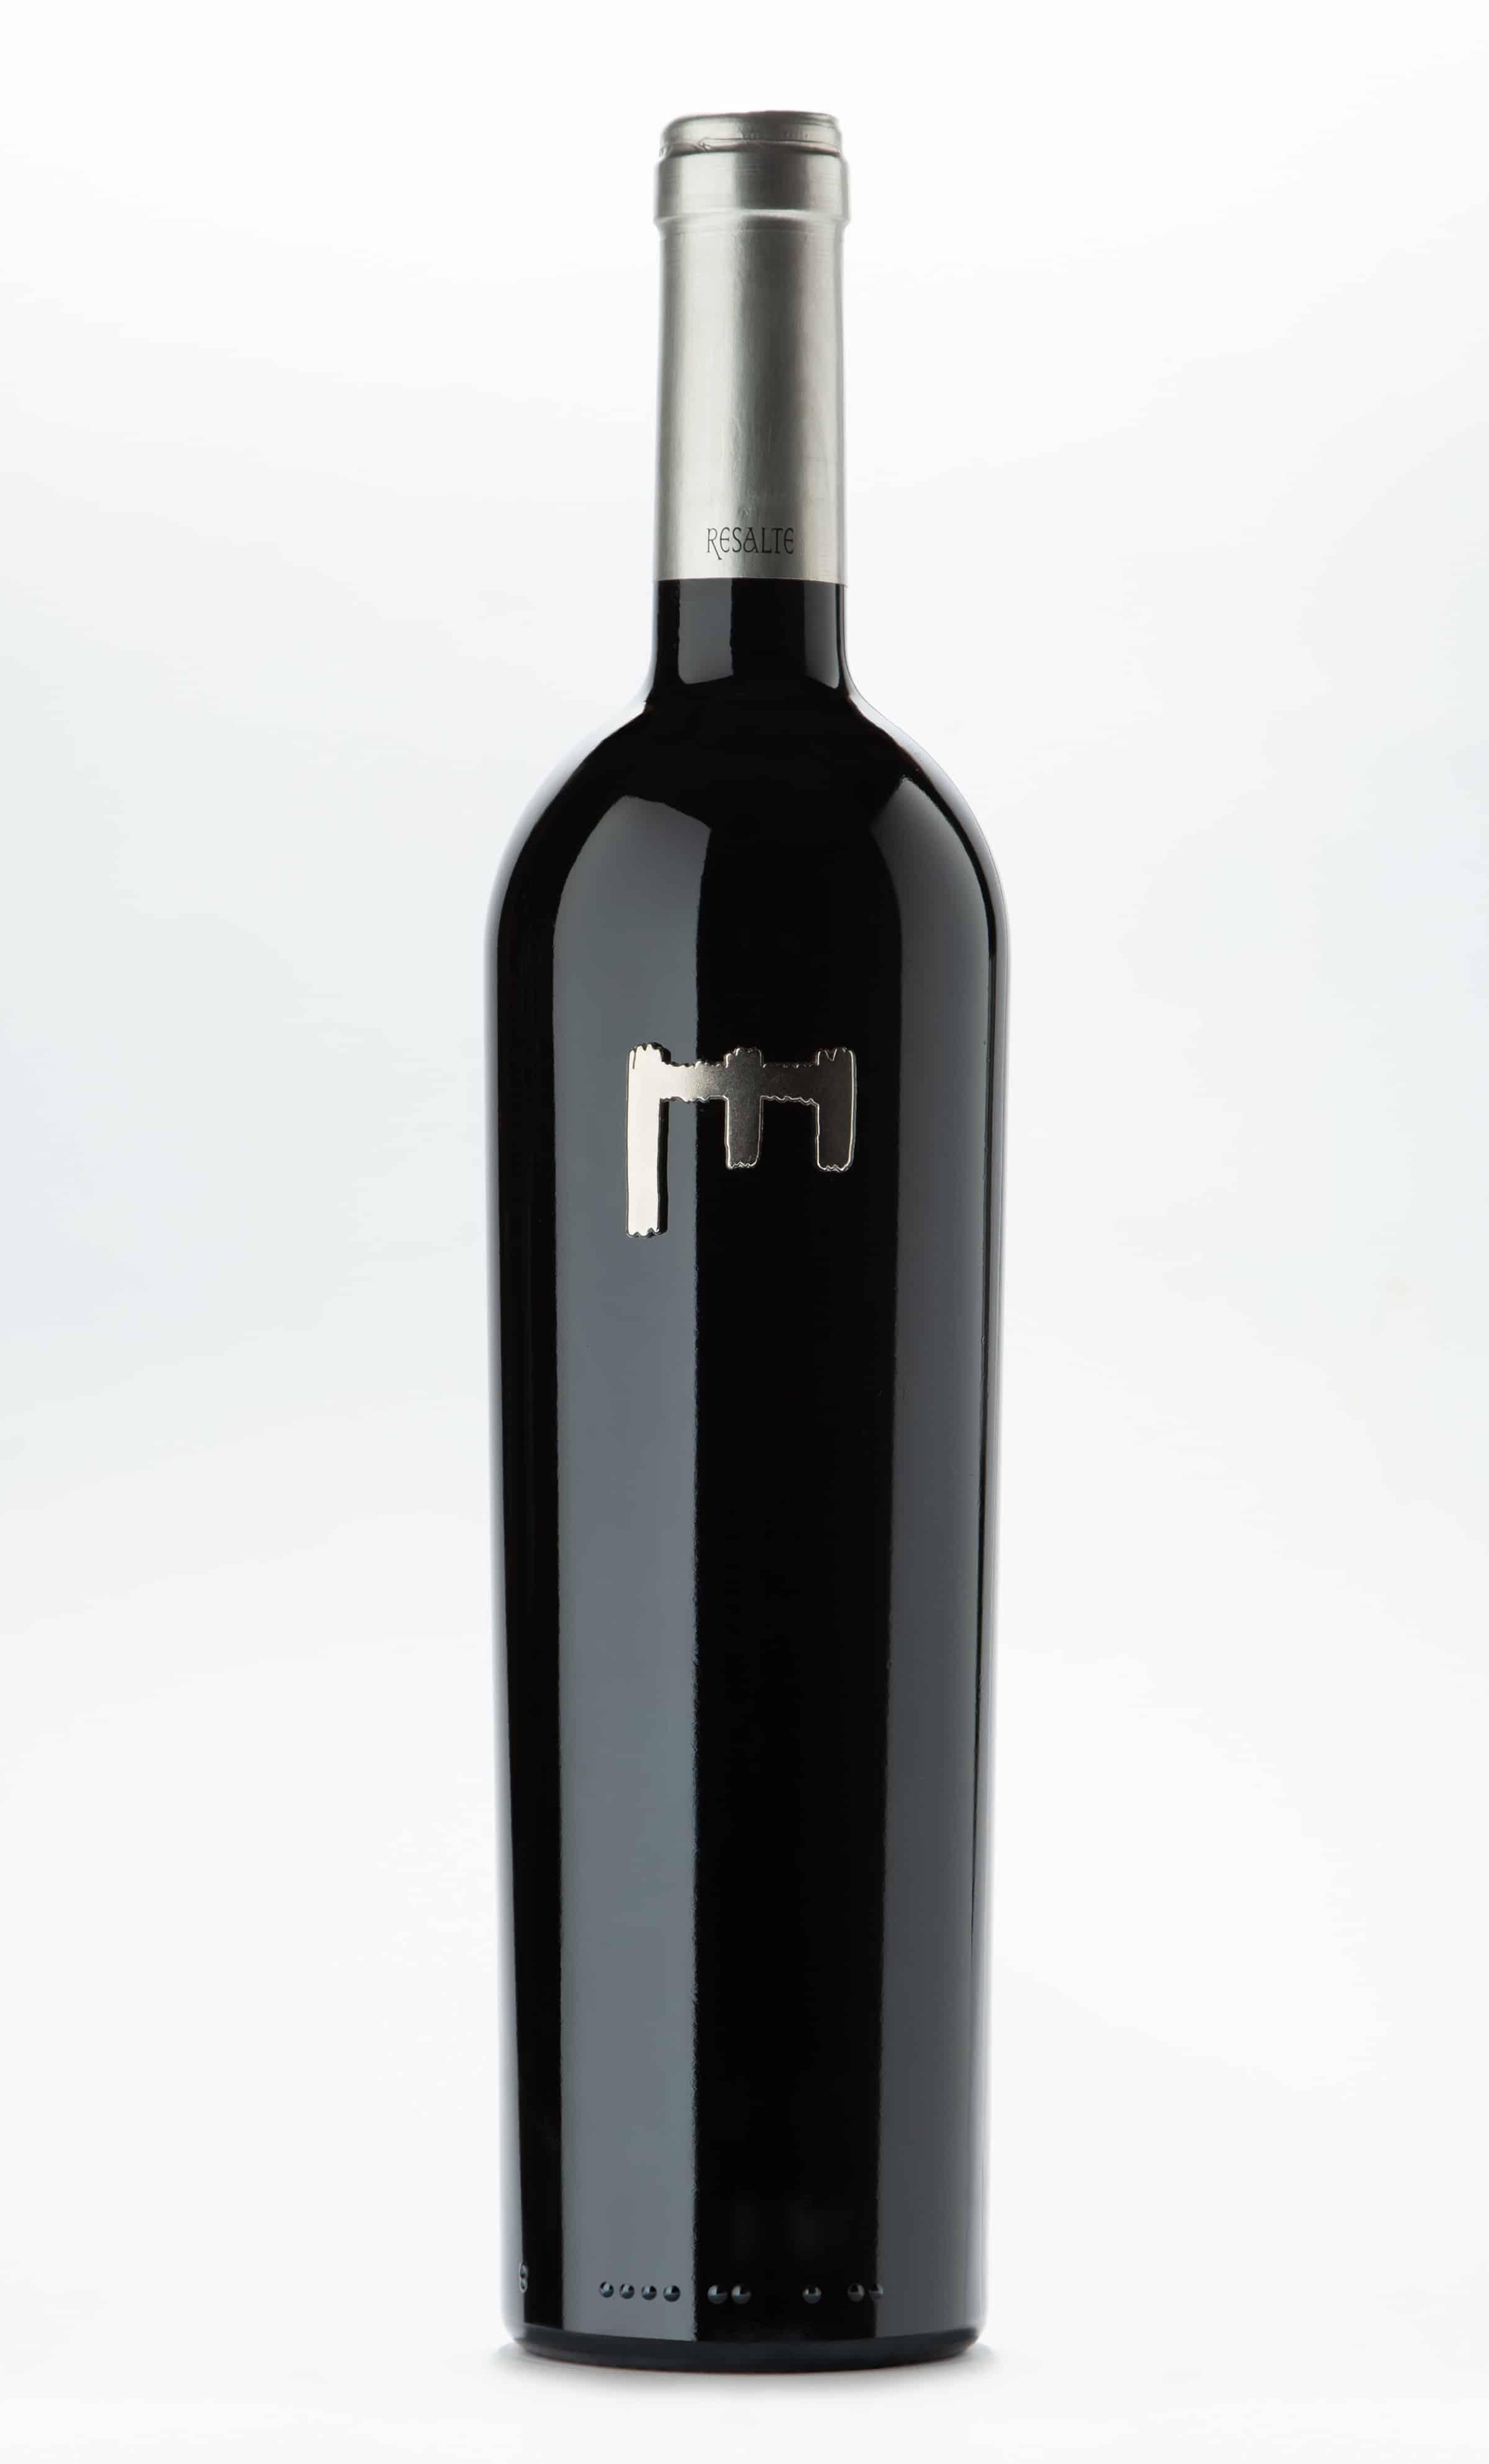 Gran Resalte wine